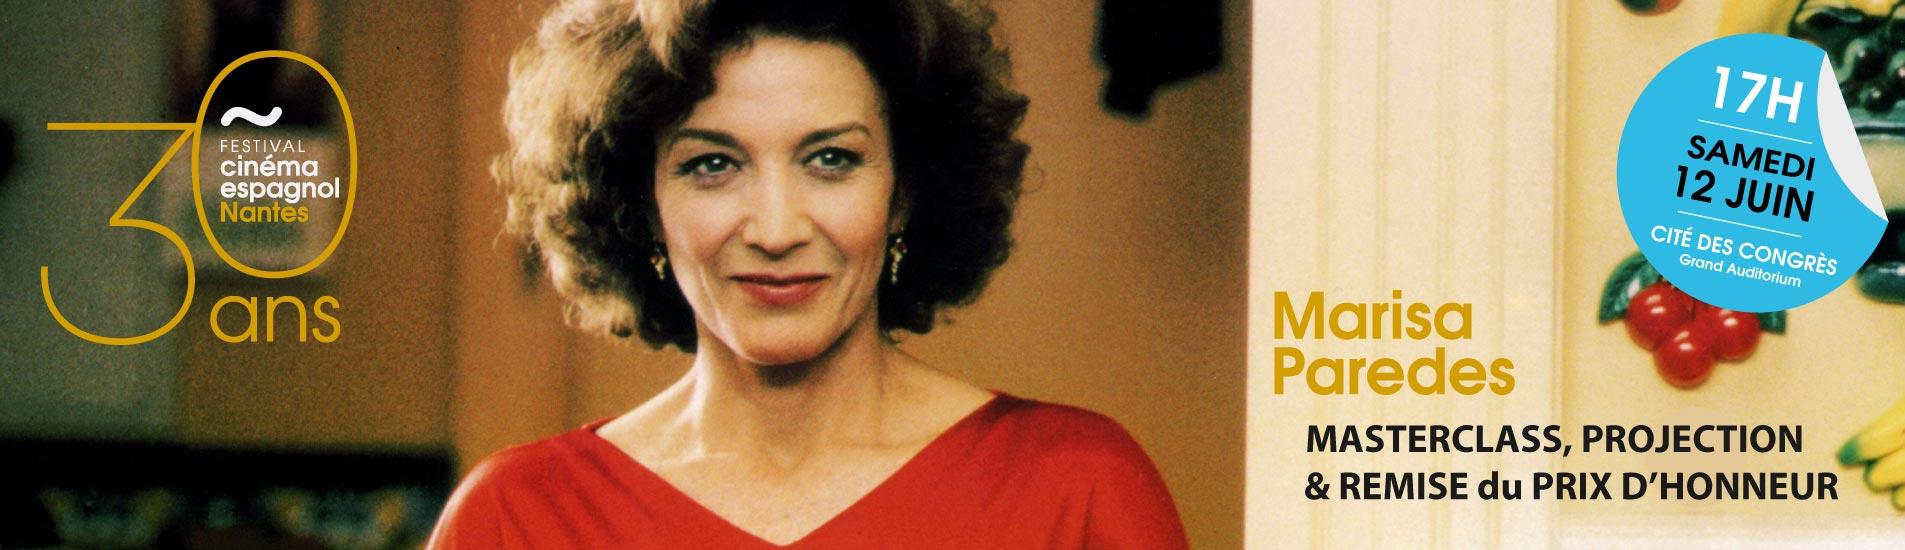 Marsia Paredes, Invitée d'Honneur des 30 ans